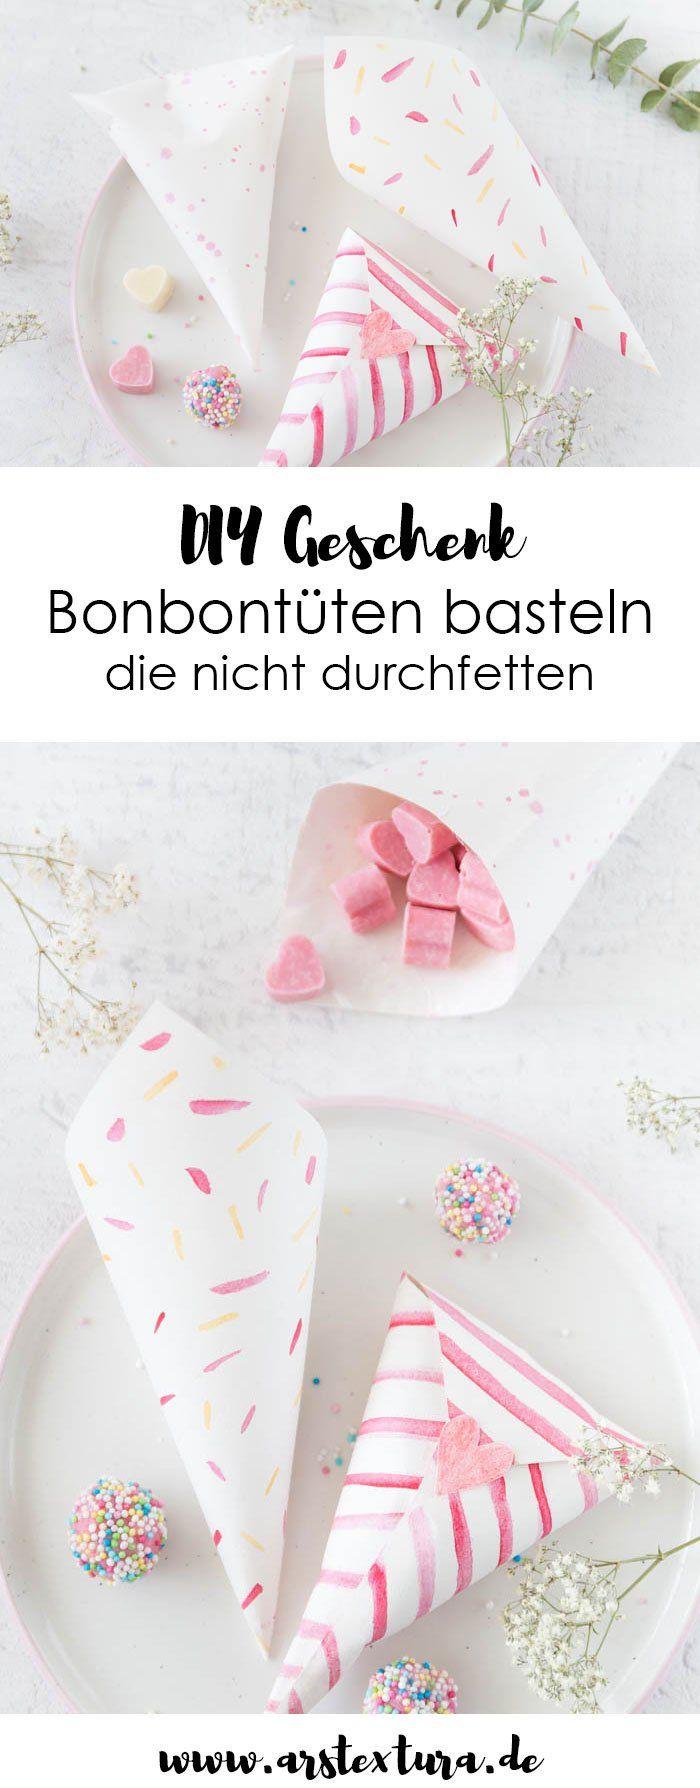 Bunte Herz-Schokolade & DIY Bonbontüten - DIY Geschenke zum Muttertag   ars textura – DIY-Blog